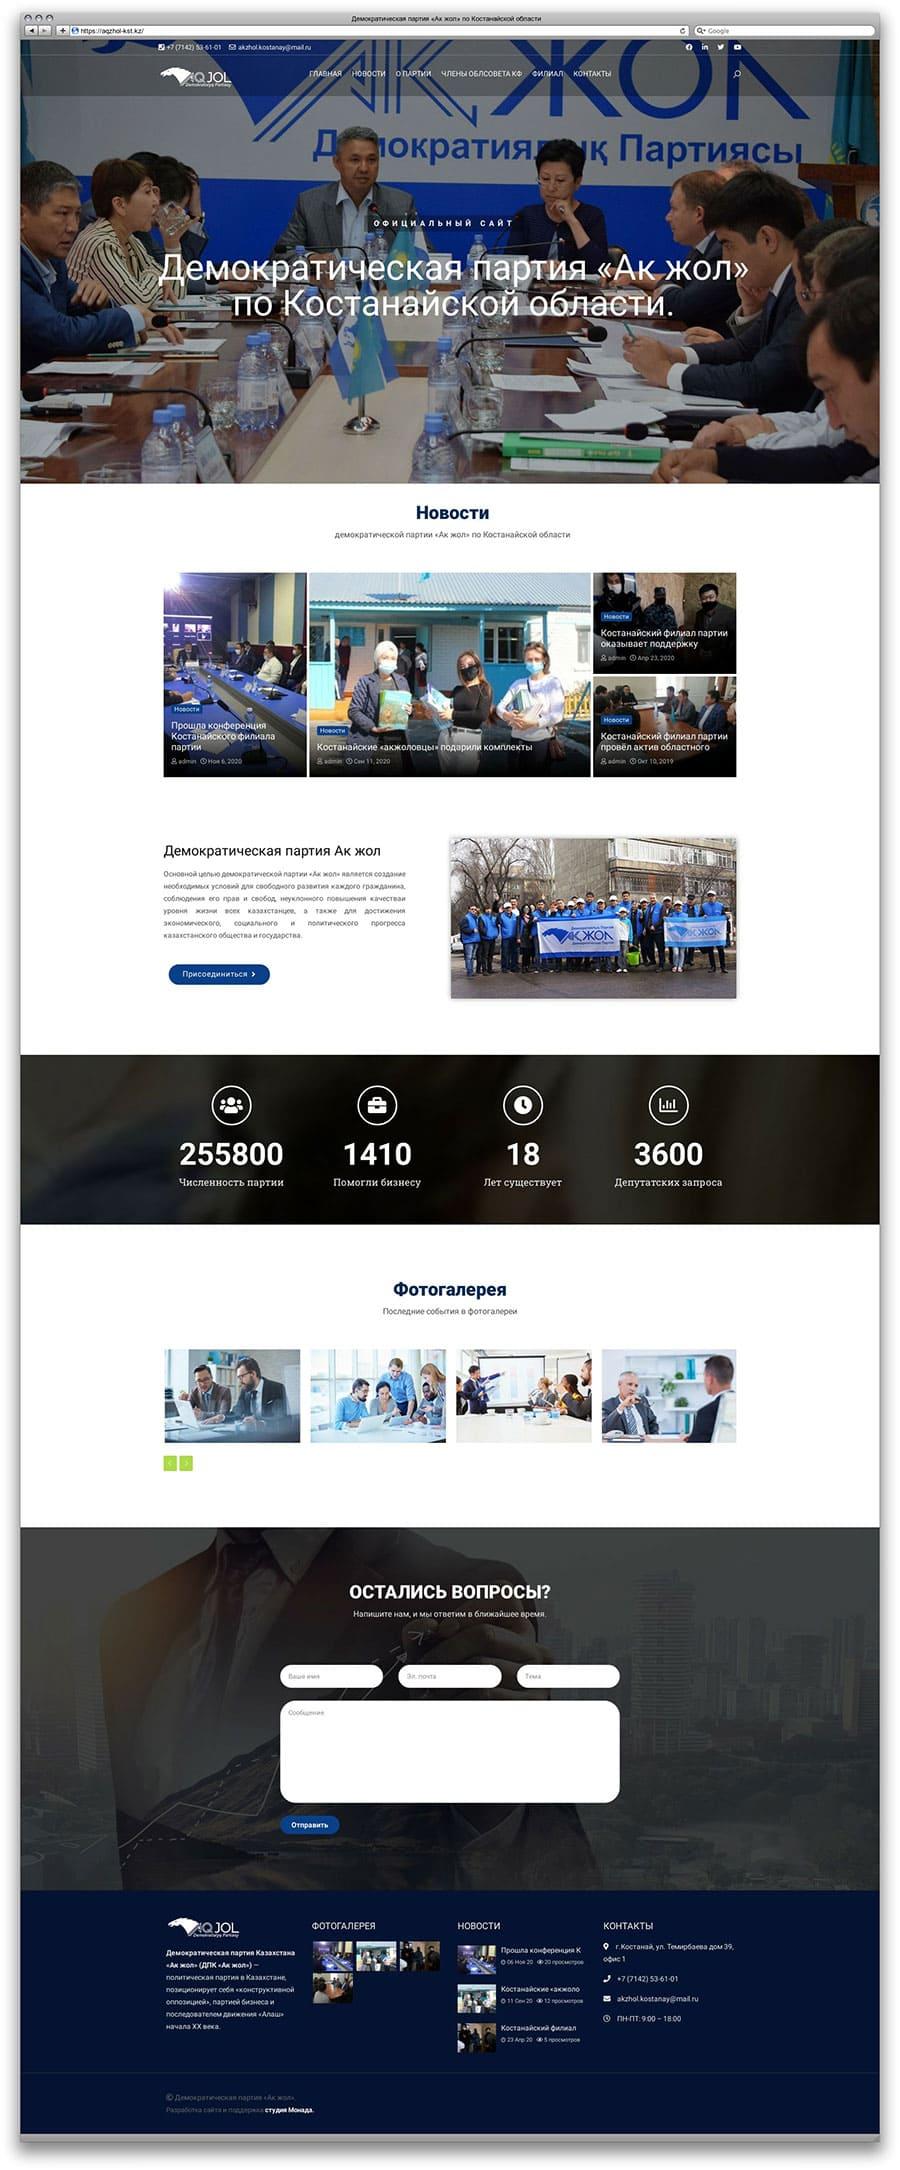 Создание сайта Демократическая партия «Ак жол» по Костанайской области